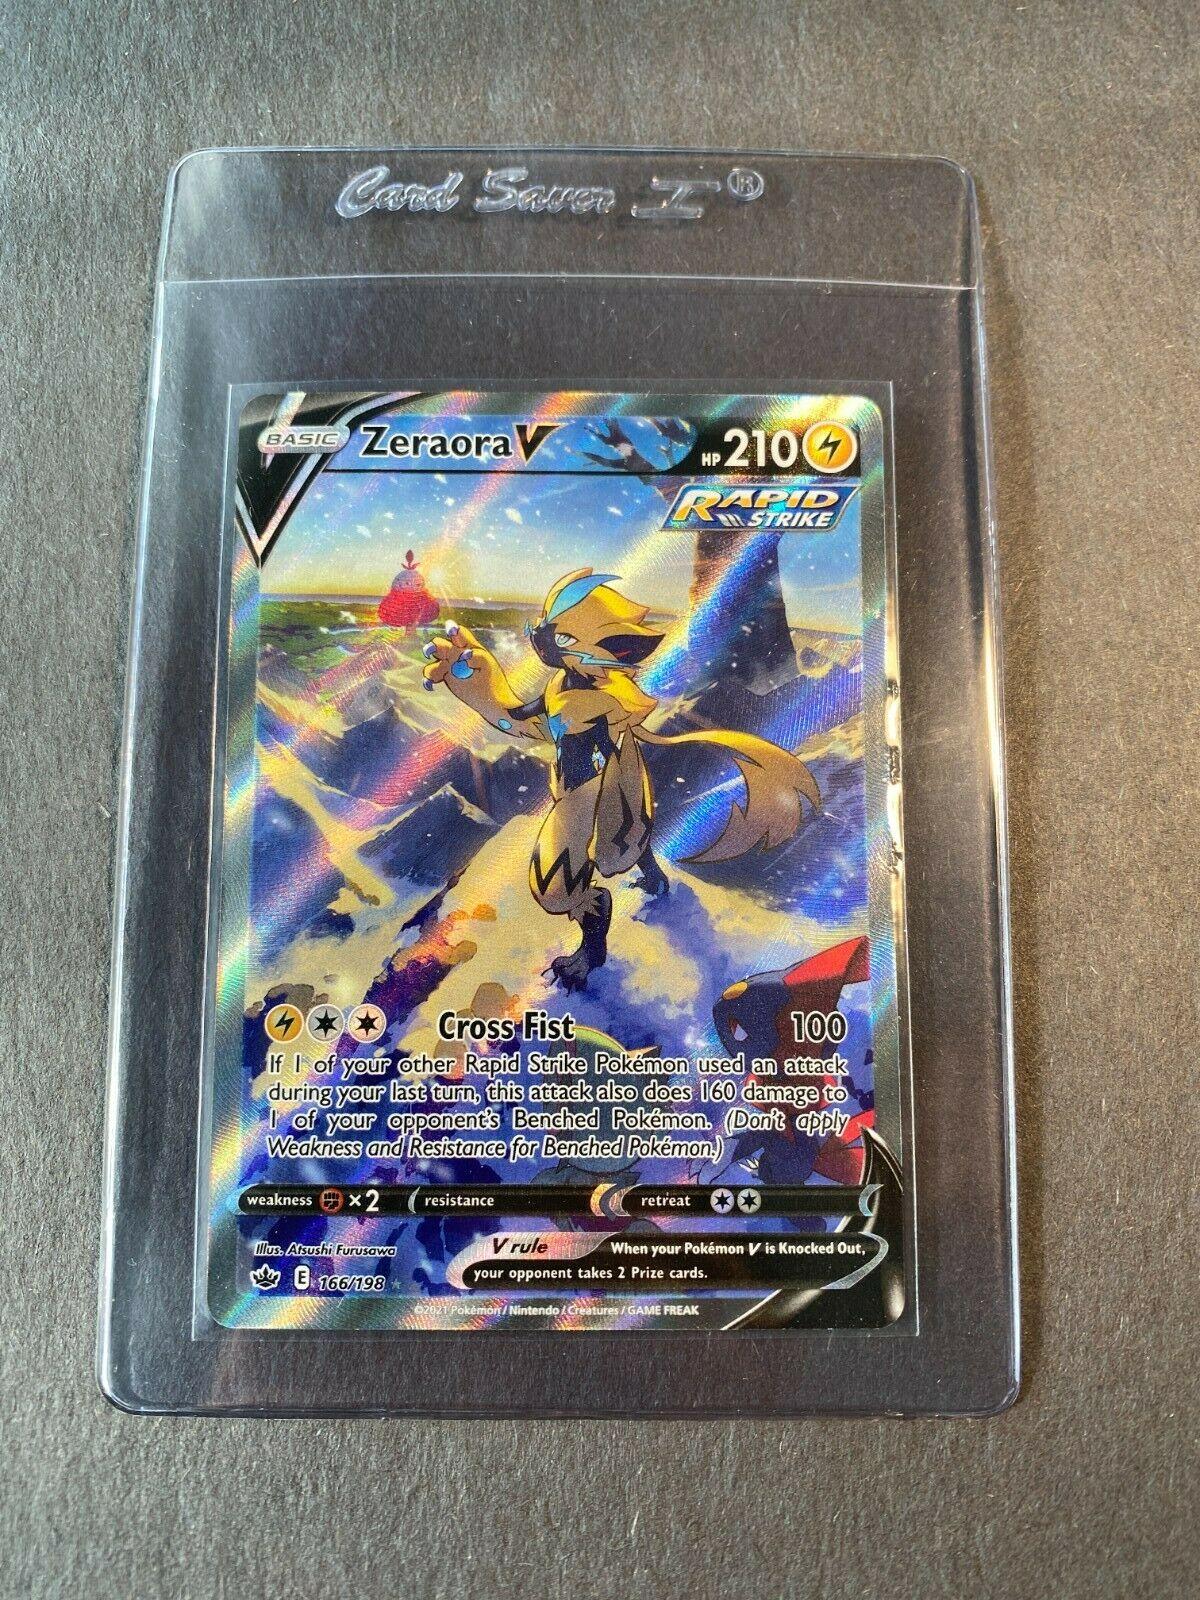 Pokemon TCG Chilling Reign Zeraora V(Alternate Full Art)166/198, Likely a 10!